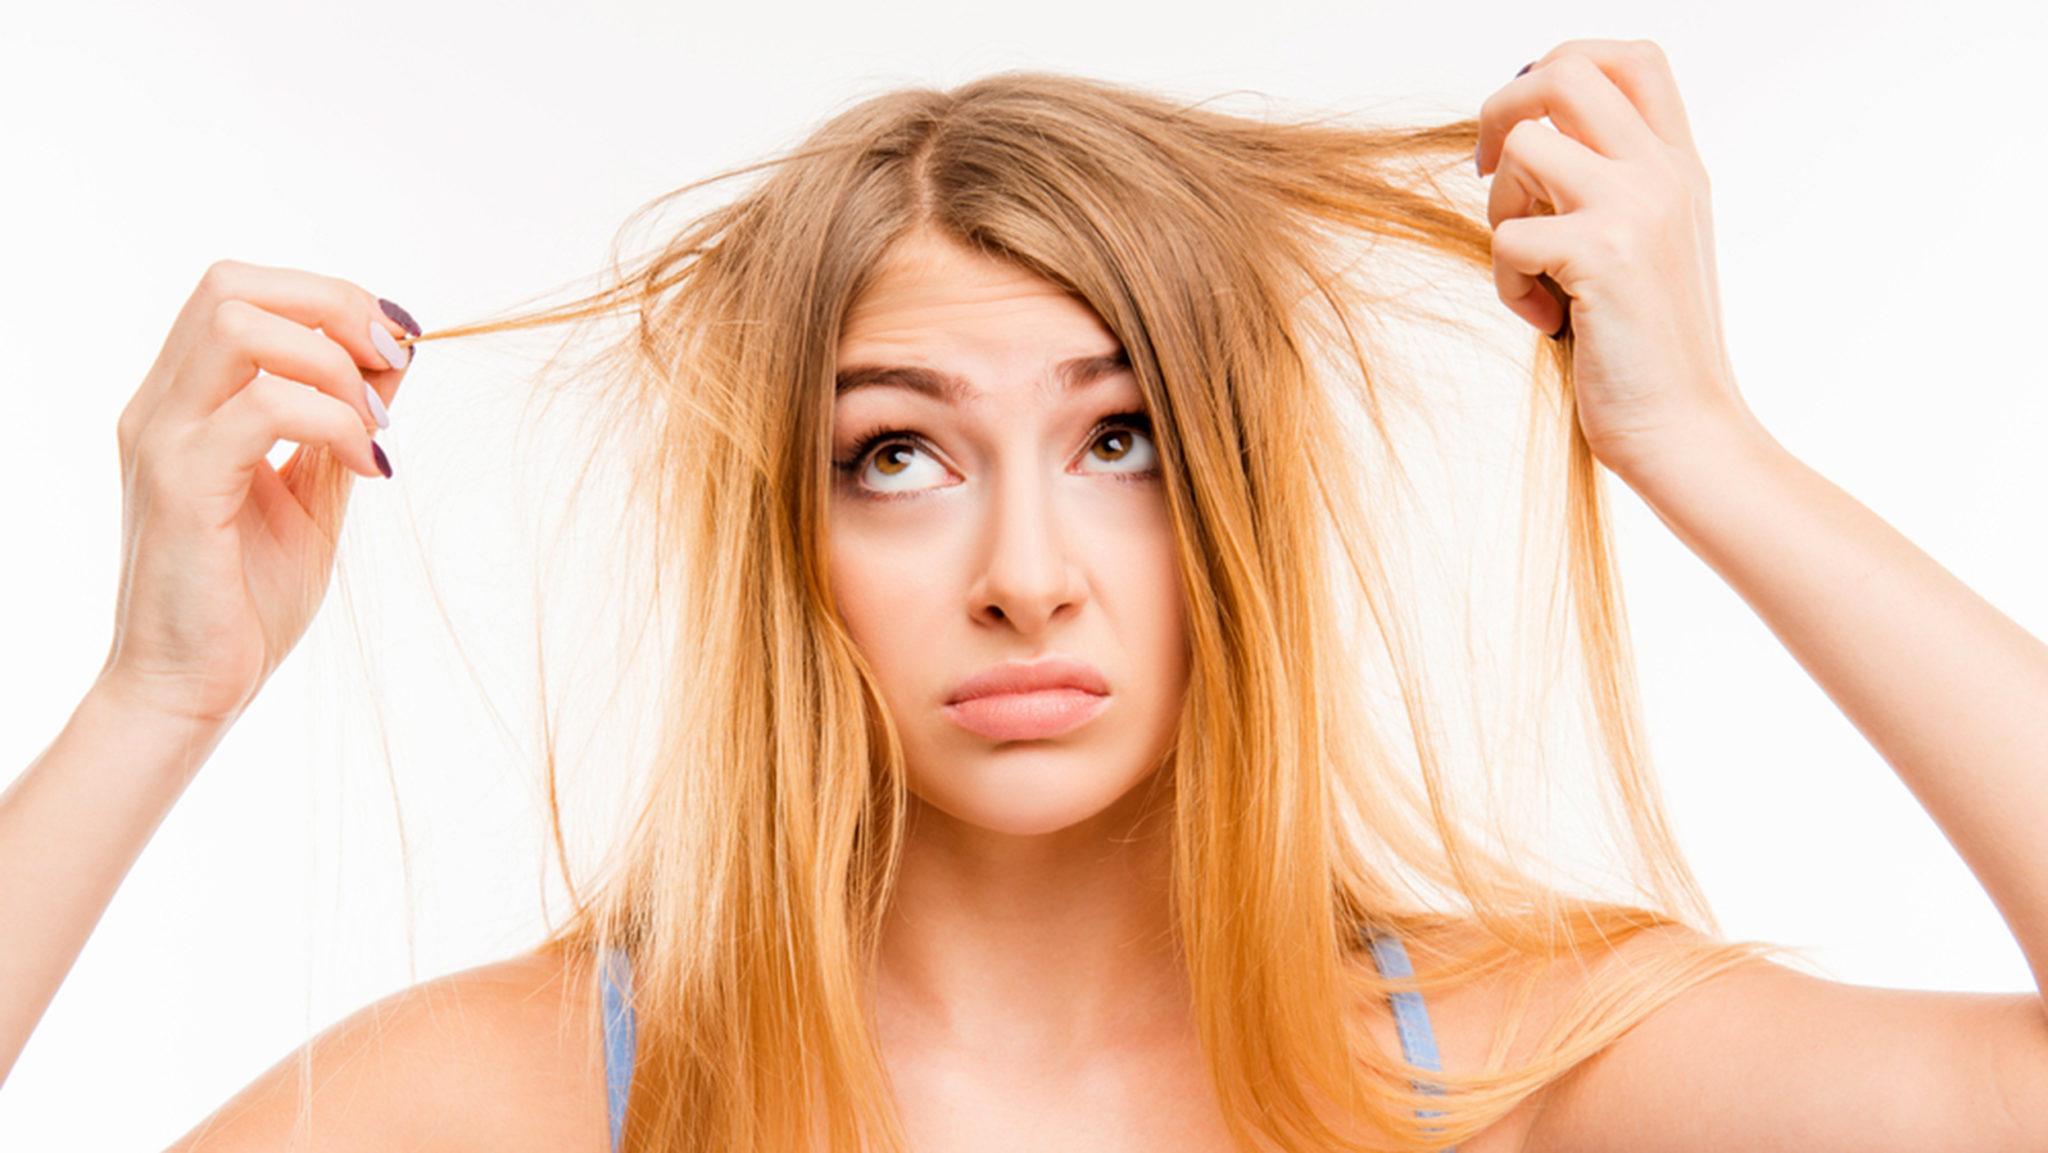 Inilah 5 Cara Merawat dan Mengatasi Rambut Kering yang Harus Kamu Coba